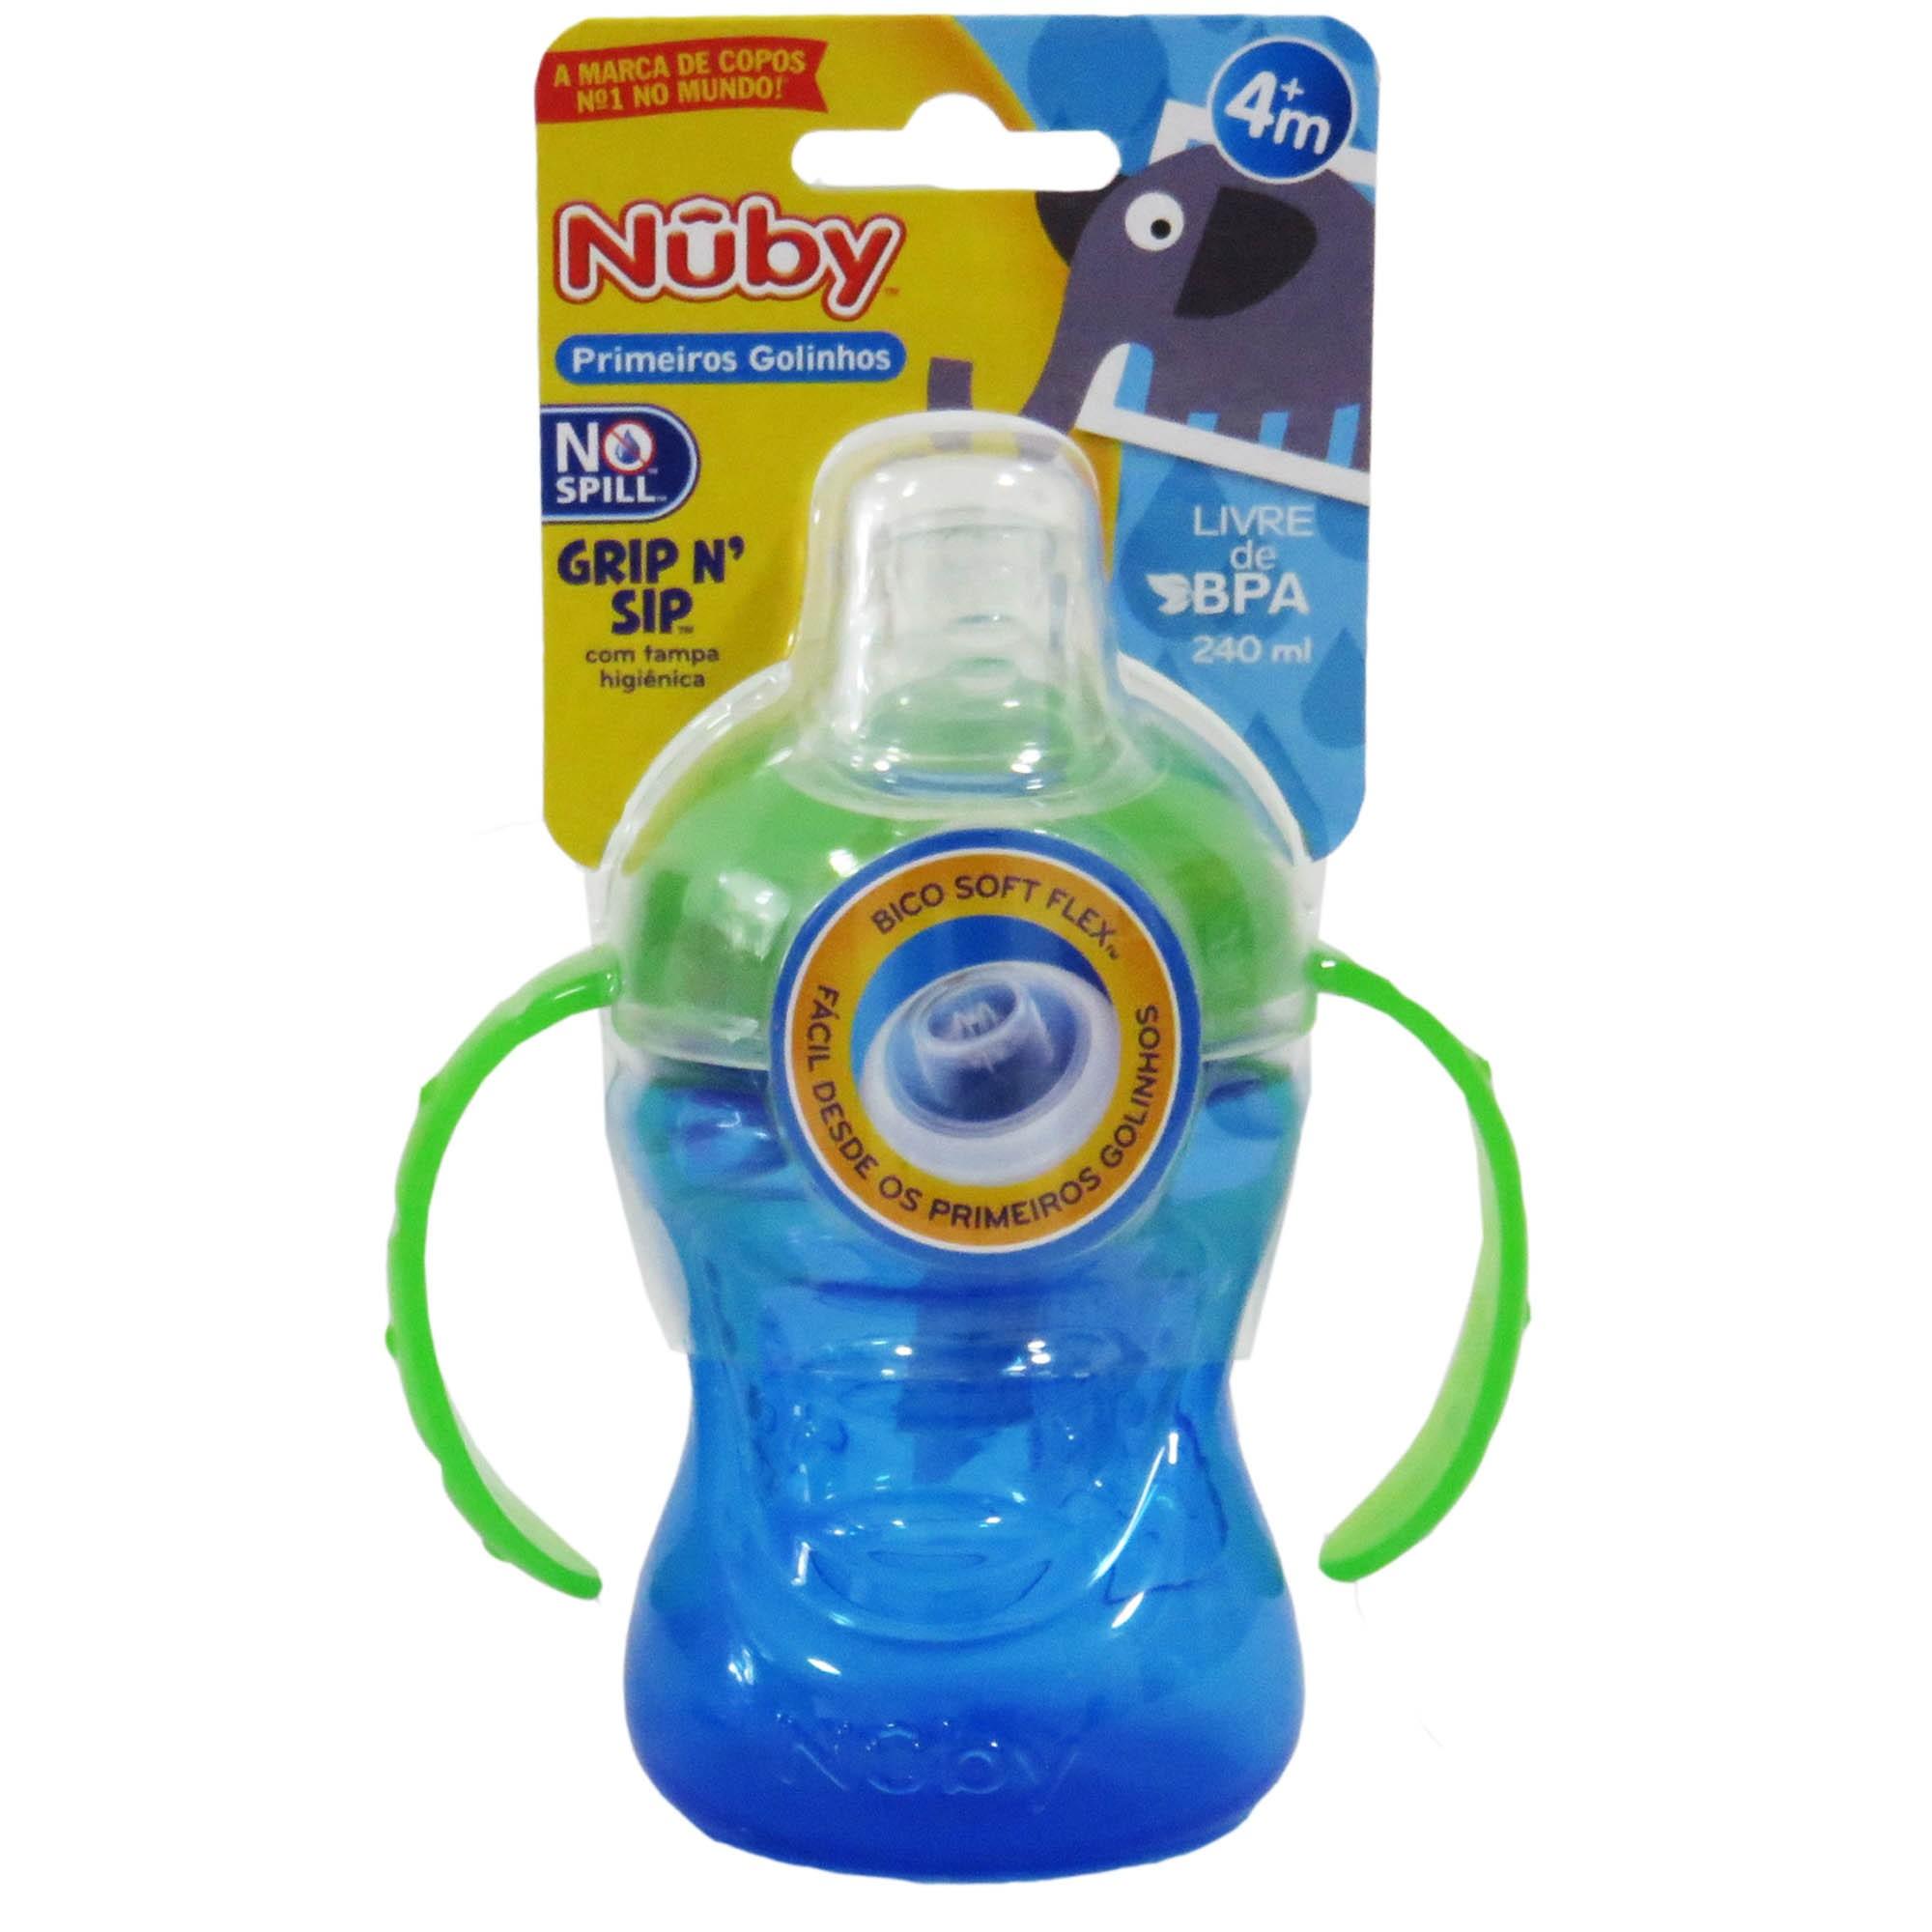 Copo Cajovil Nûby Grip N' Sip com Alça e Super Bico de Silicone - 240 ml +4M - Azul